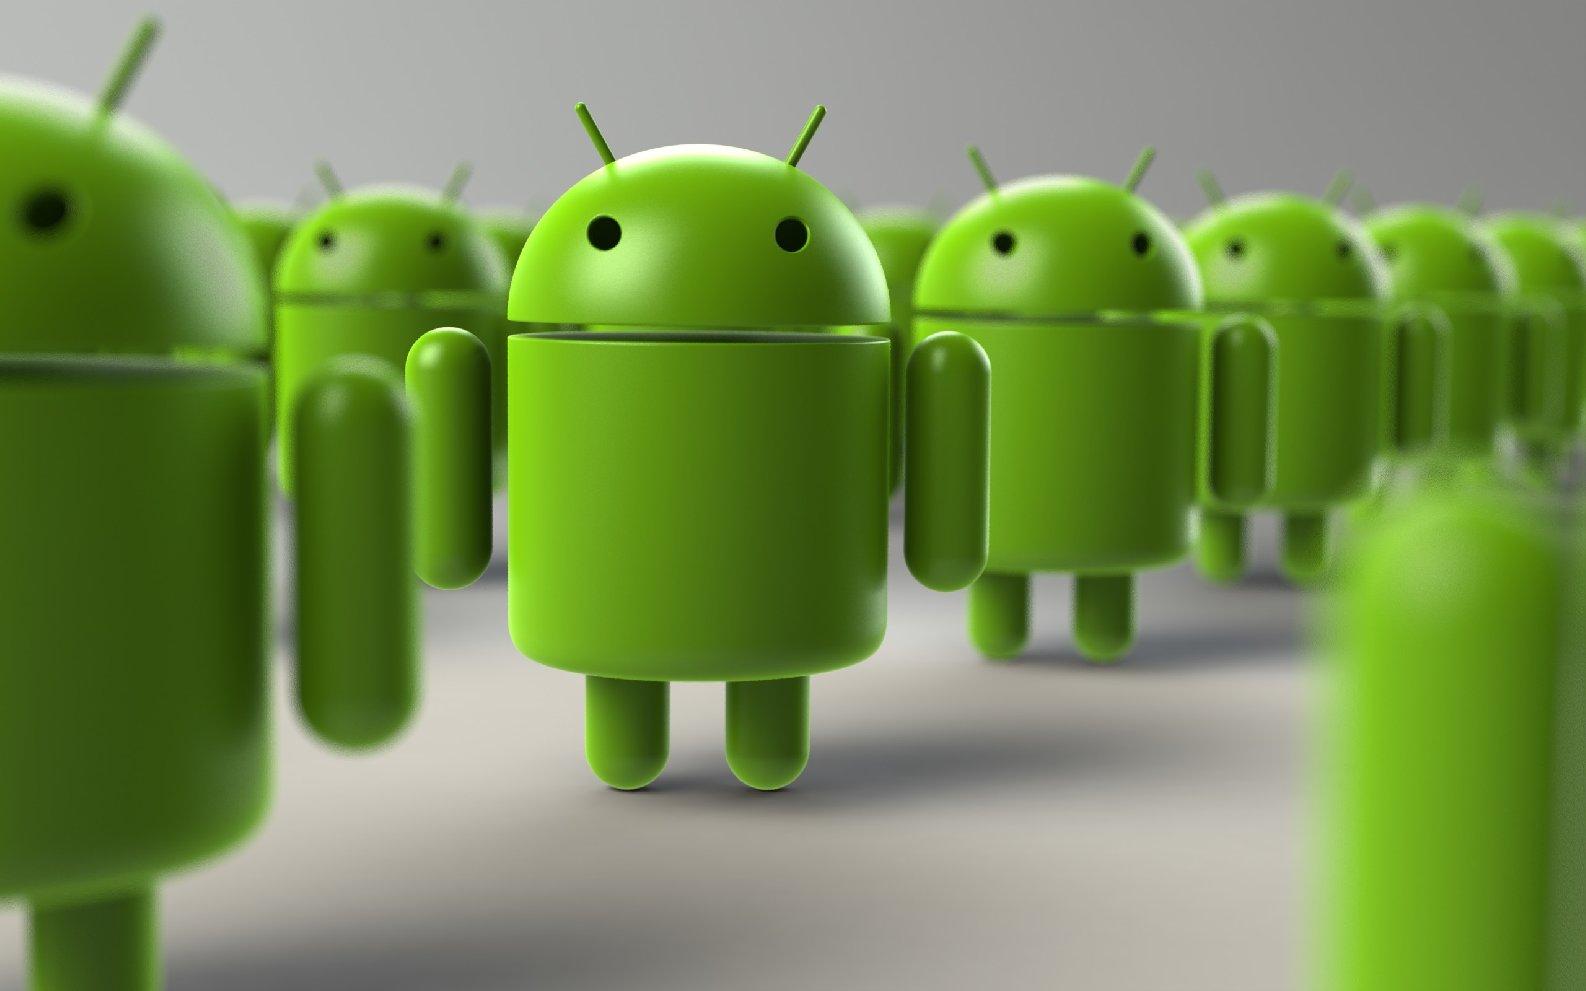 韓國公平貿易委員會重新調查 Android